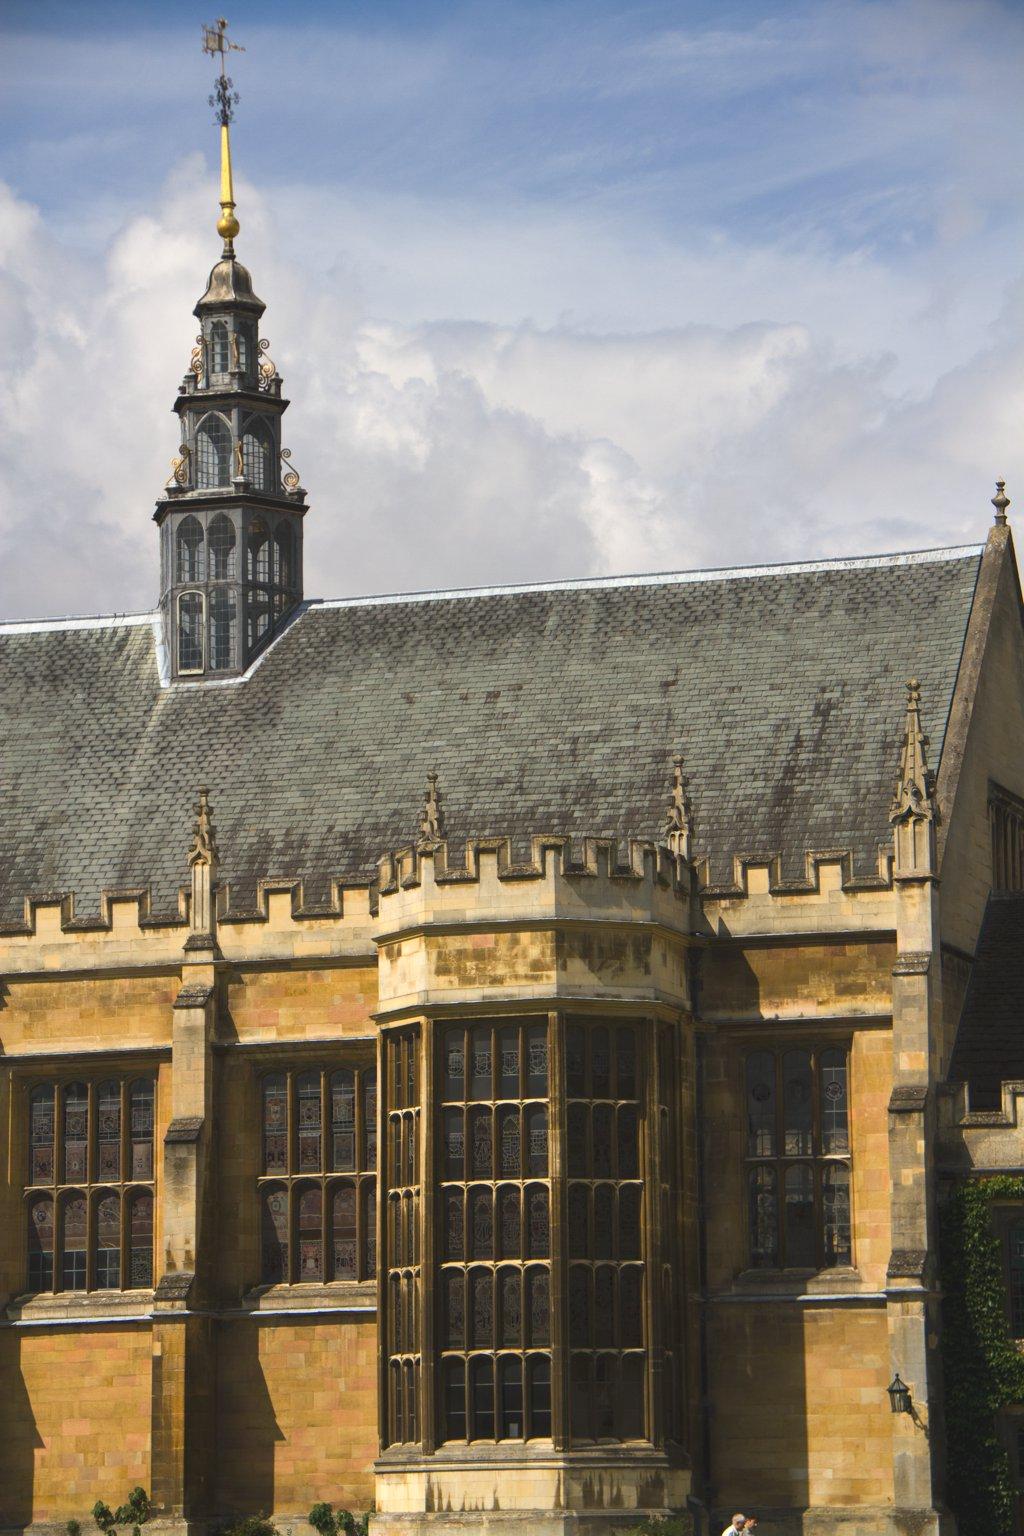 Cambridge Clare College